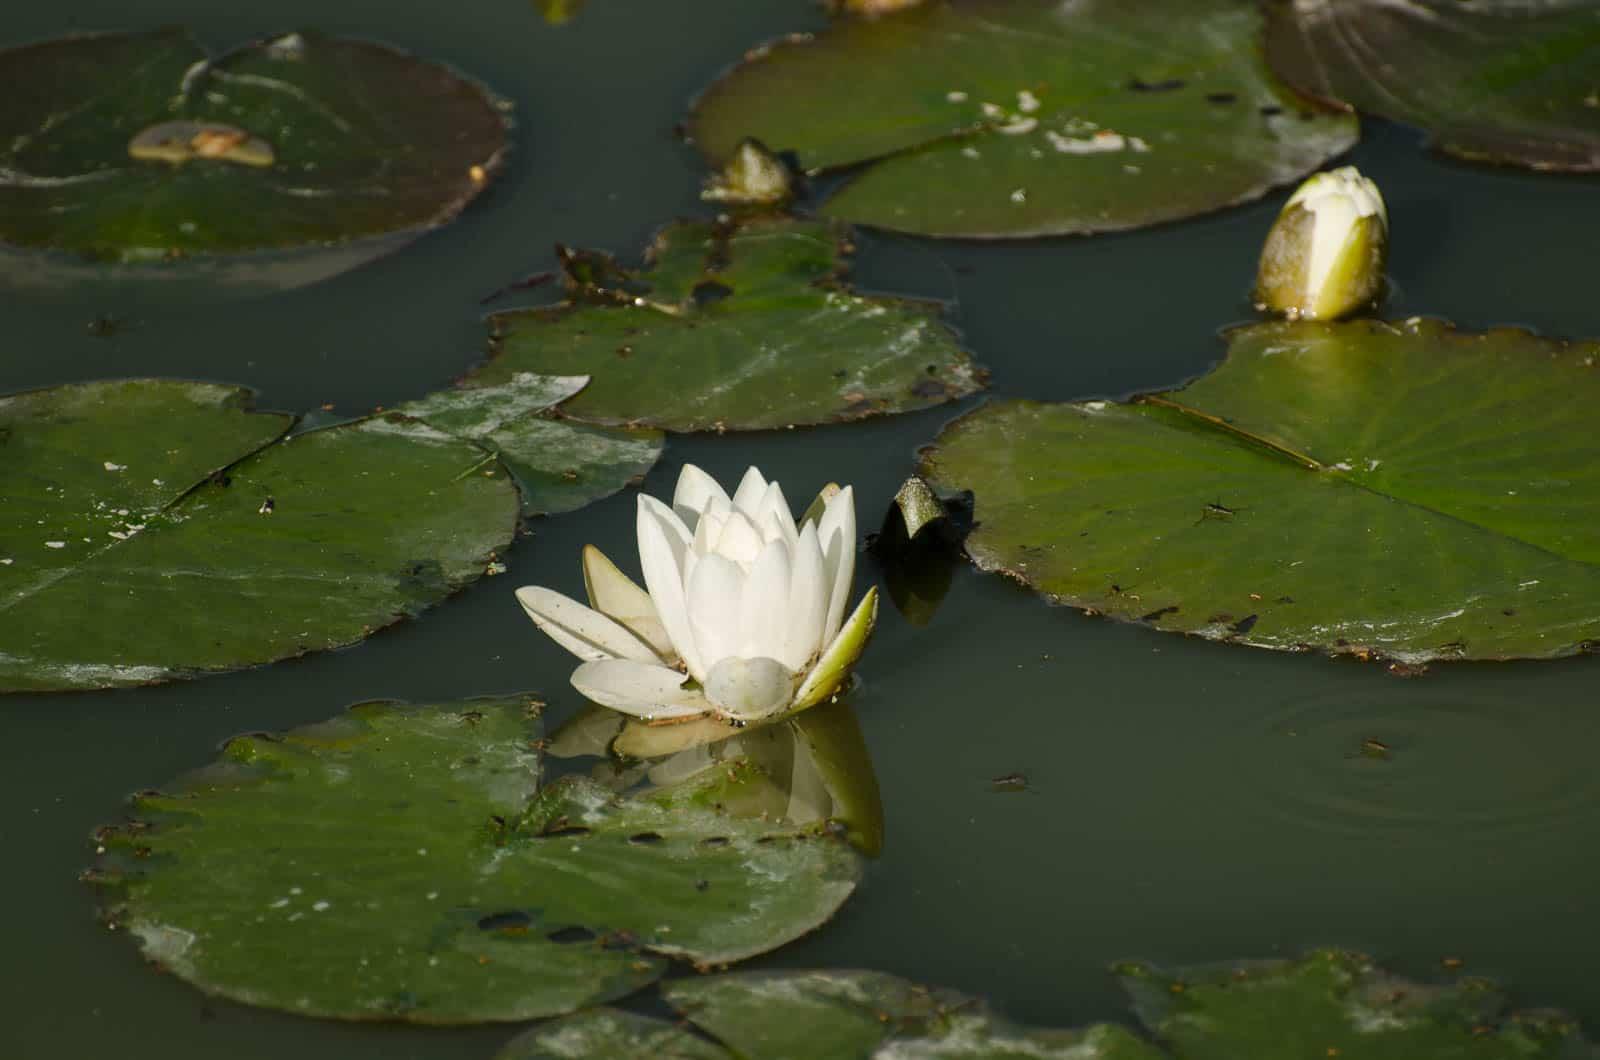 Näckrosor har en rogivande inverkan på mig. Jag blir glad av att se dem när jag sitter nere vid dammen.